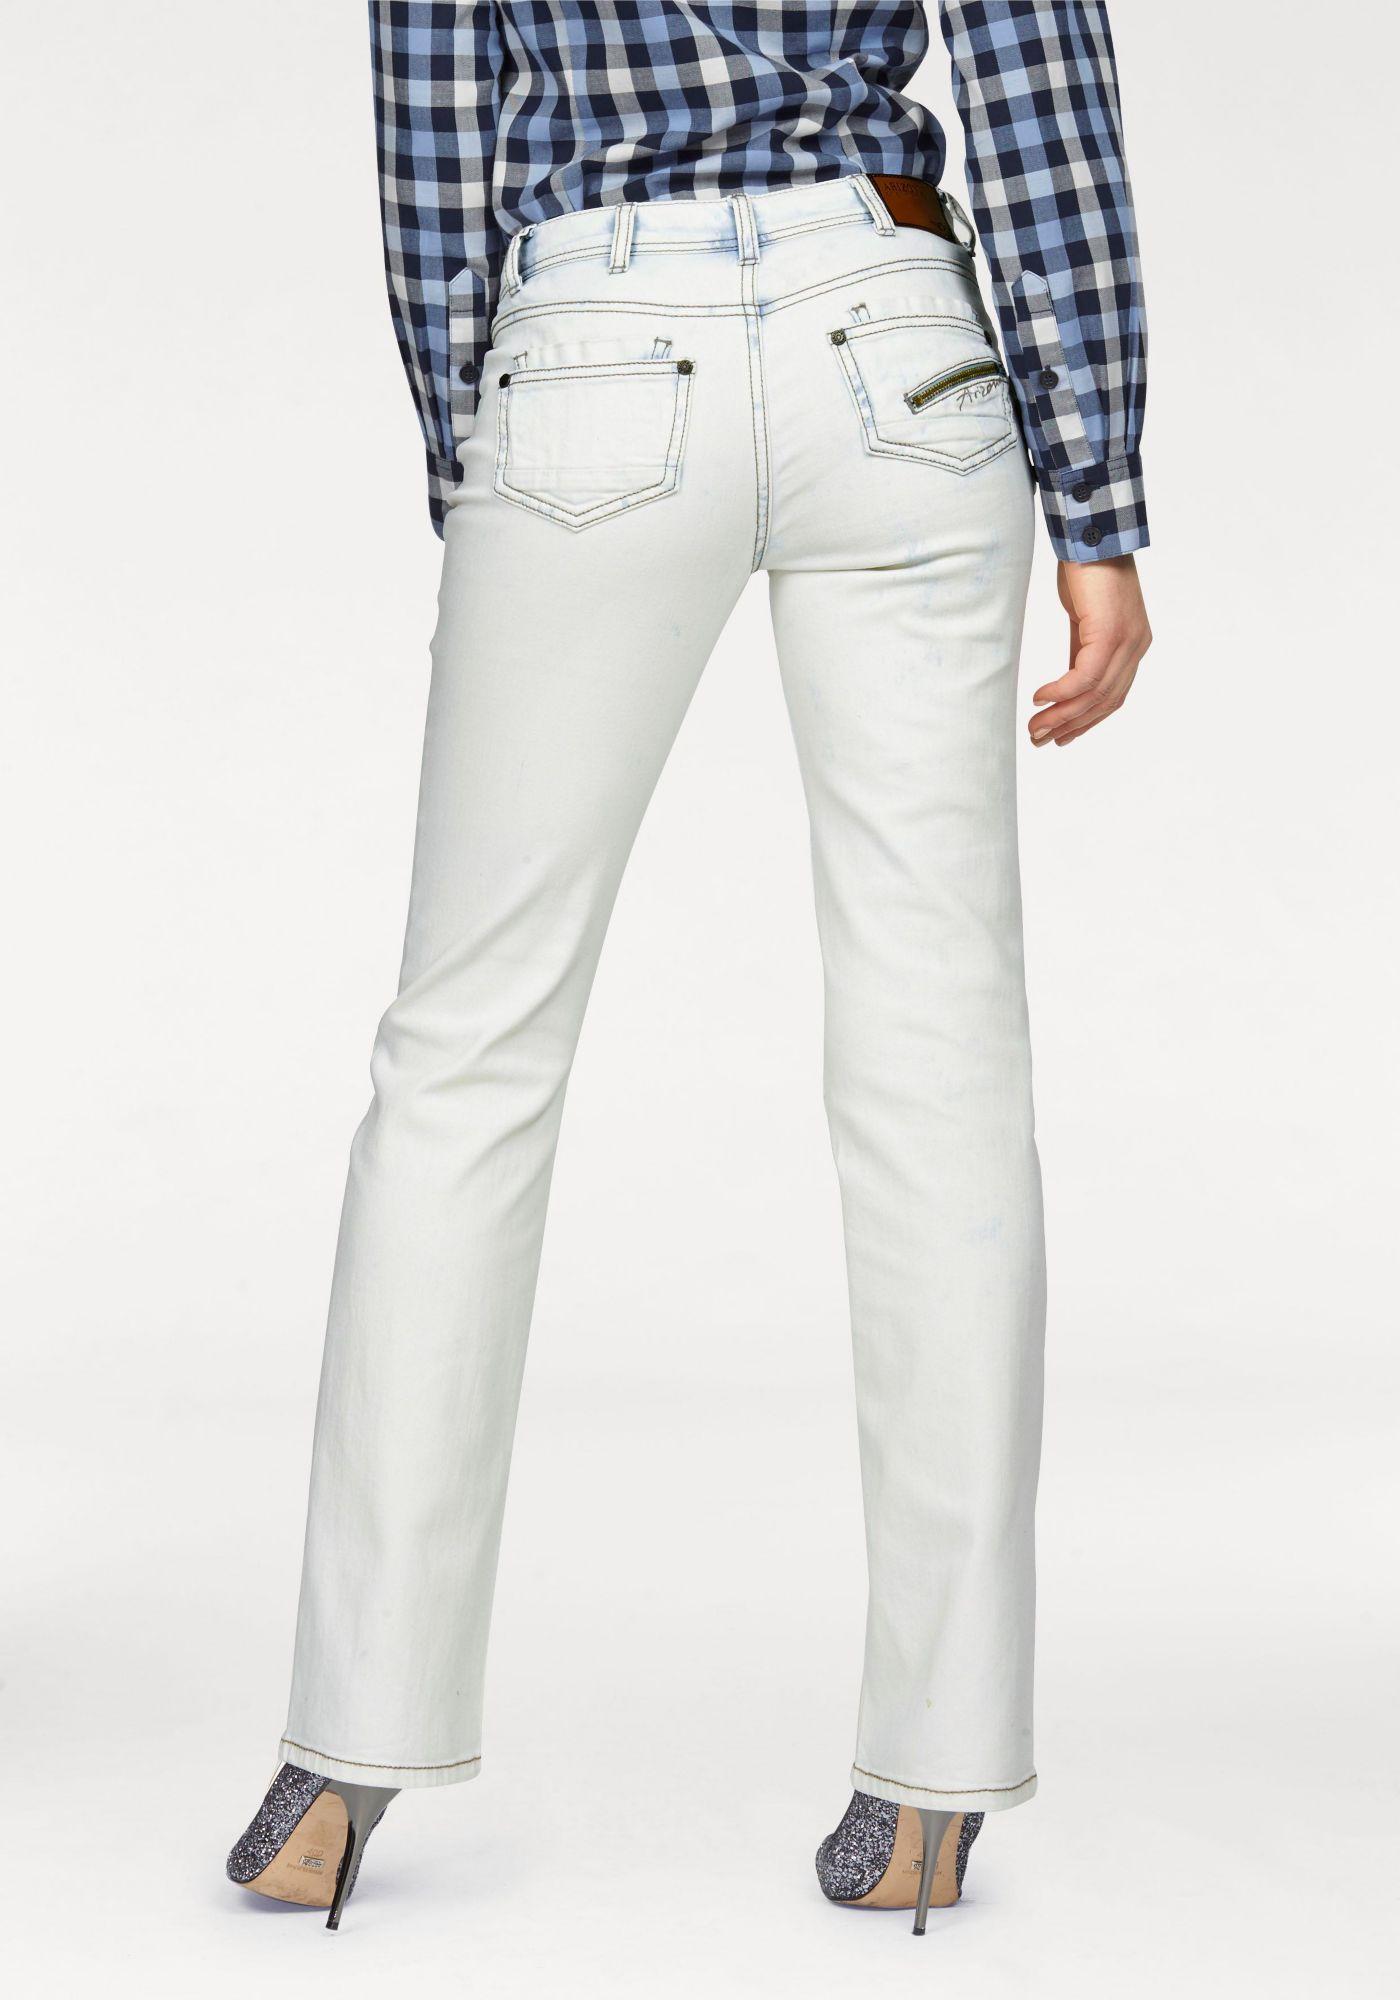 ARIZONA Arizona Gerade Jeans »Shaping«